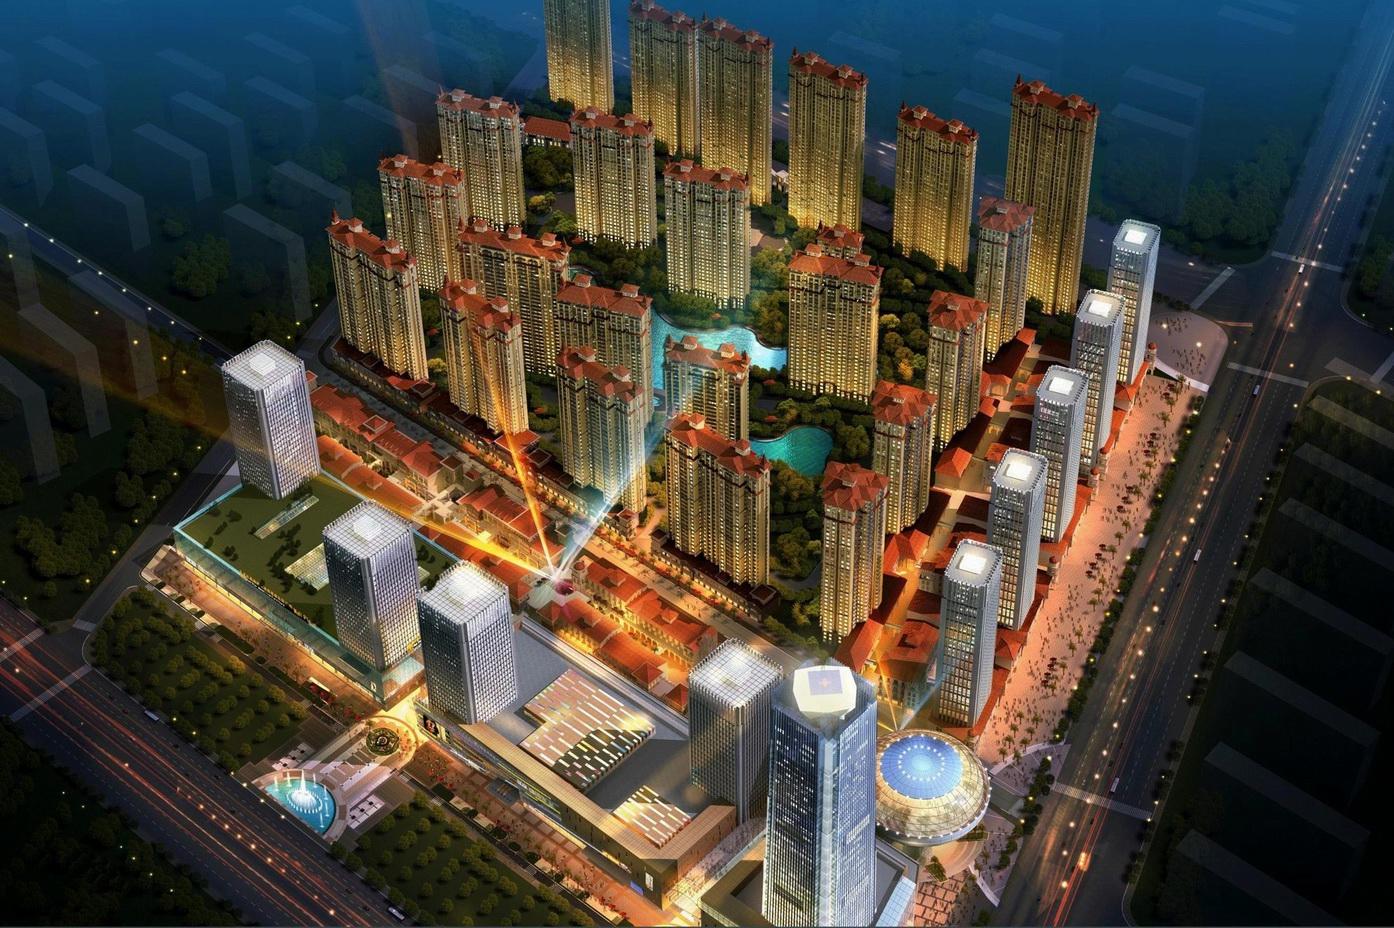 紅星國際商業廣場及住宅小區景觀設計